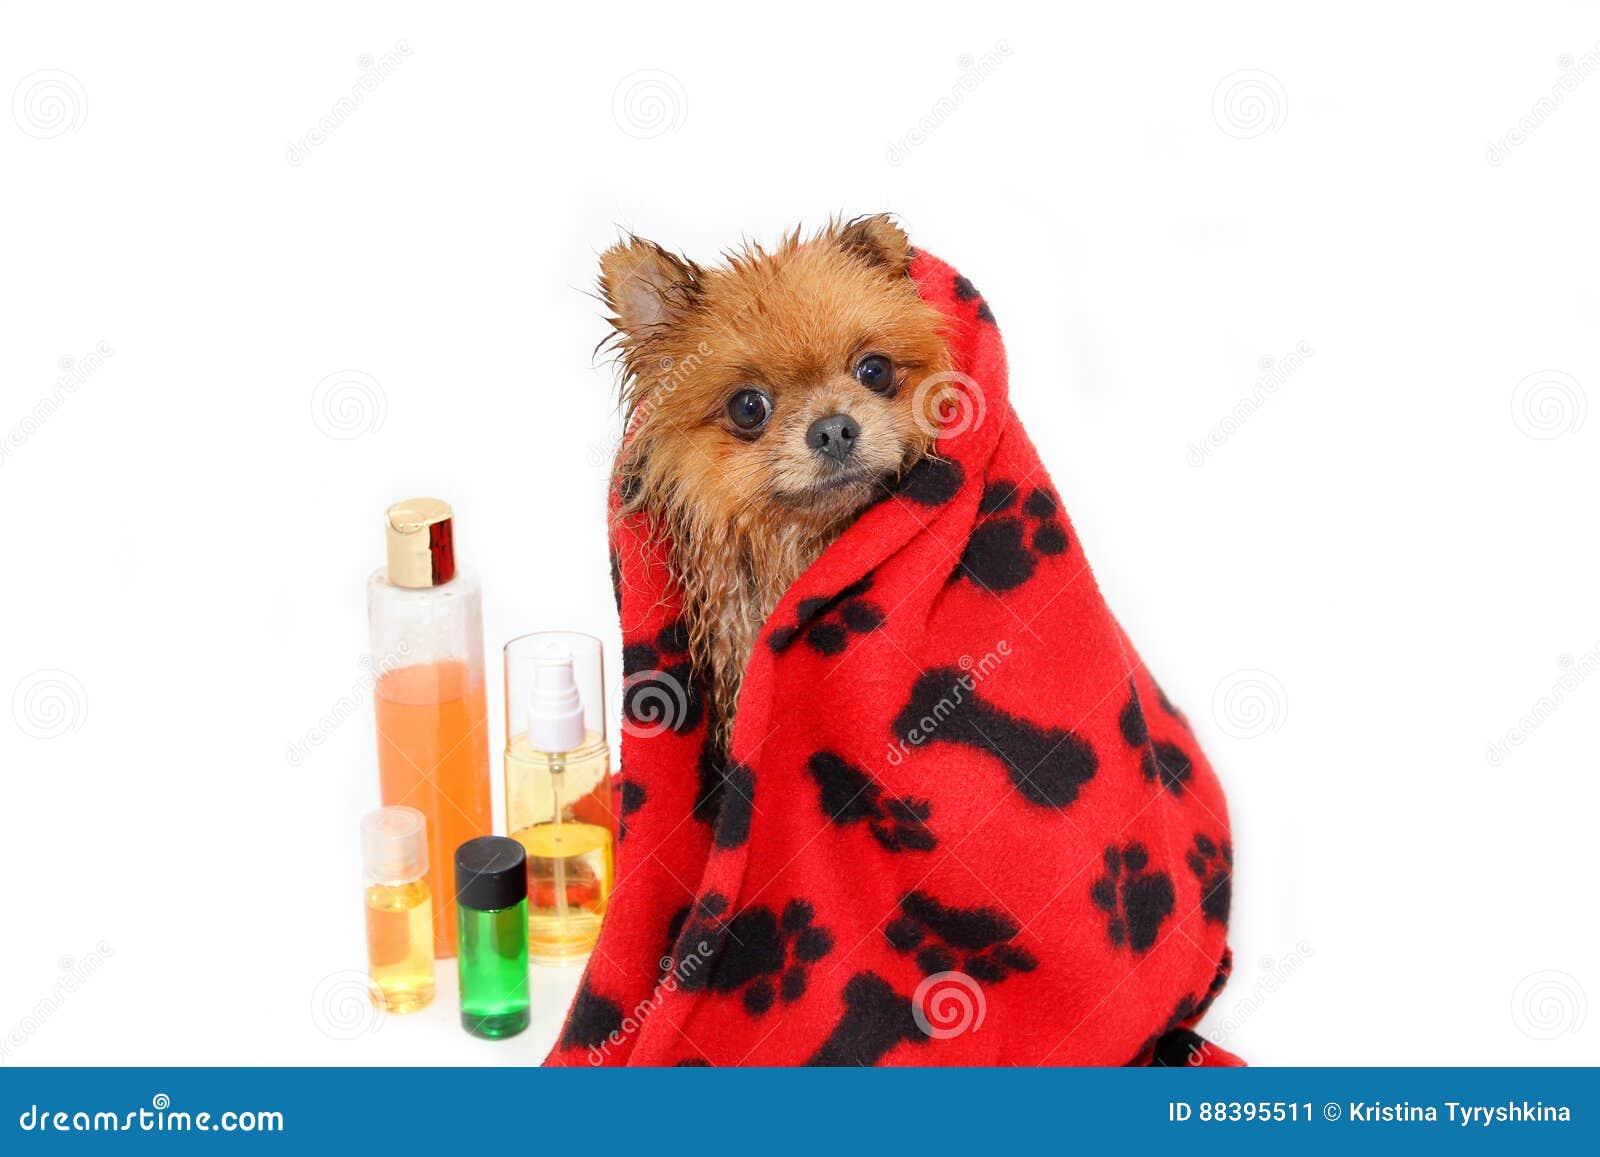 Gut gepflegter Hund pflegen Pflegen eines pomeranian Hundes Lustiges pomeranian im Bad Hund, der eine Dusche nimmt Hund auf weiße